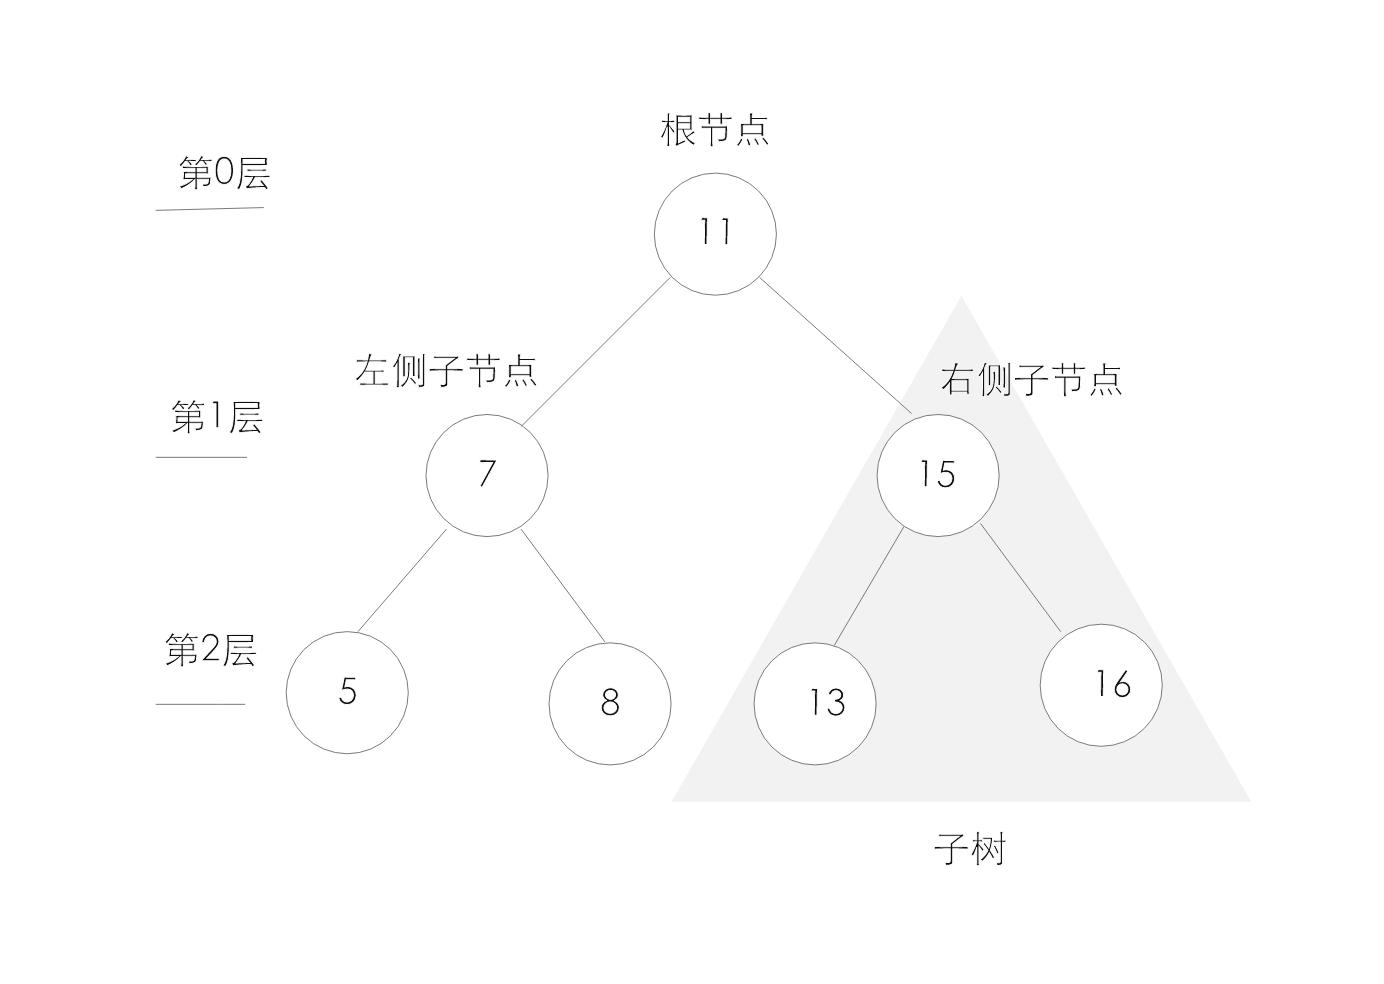 JavaScript 中的二叉树以及二叉搜索树的实现及应用